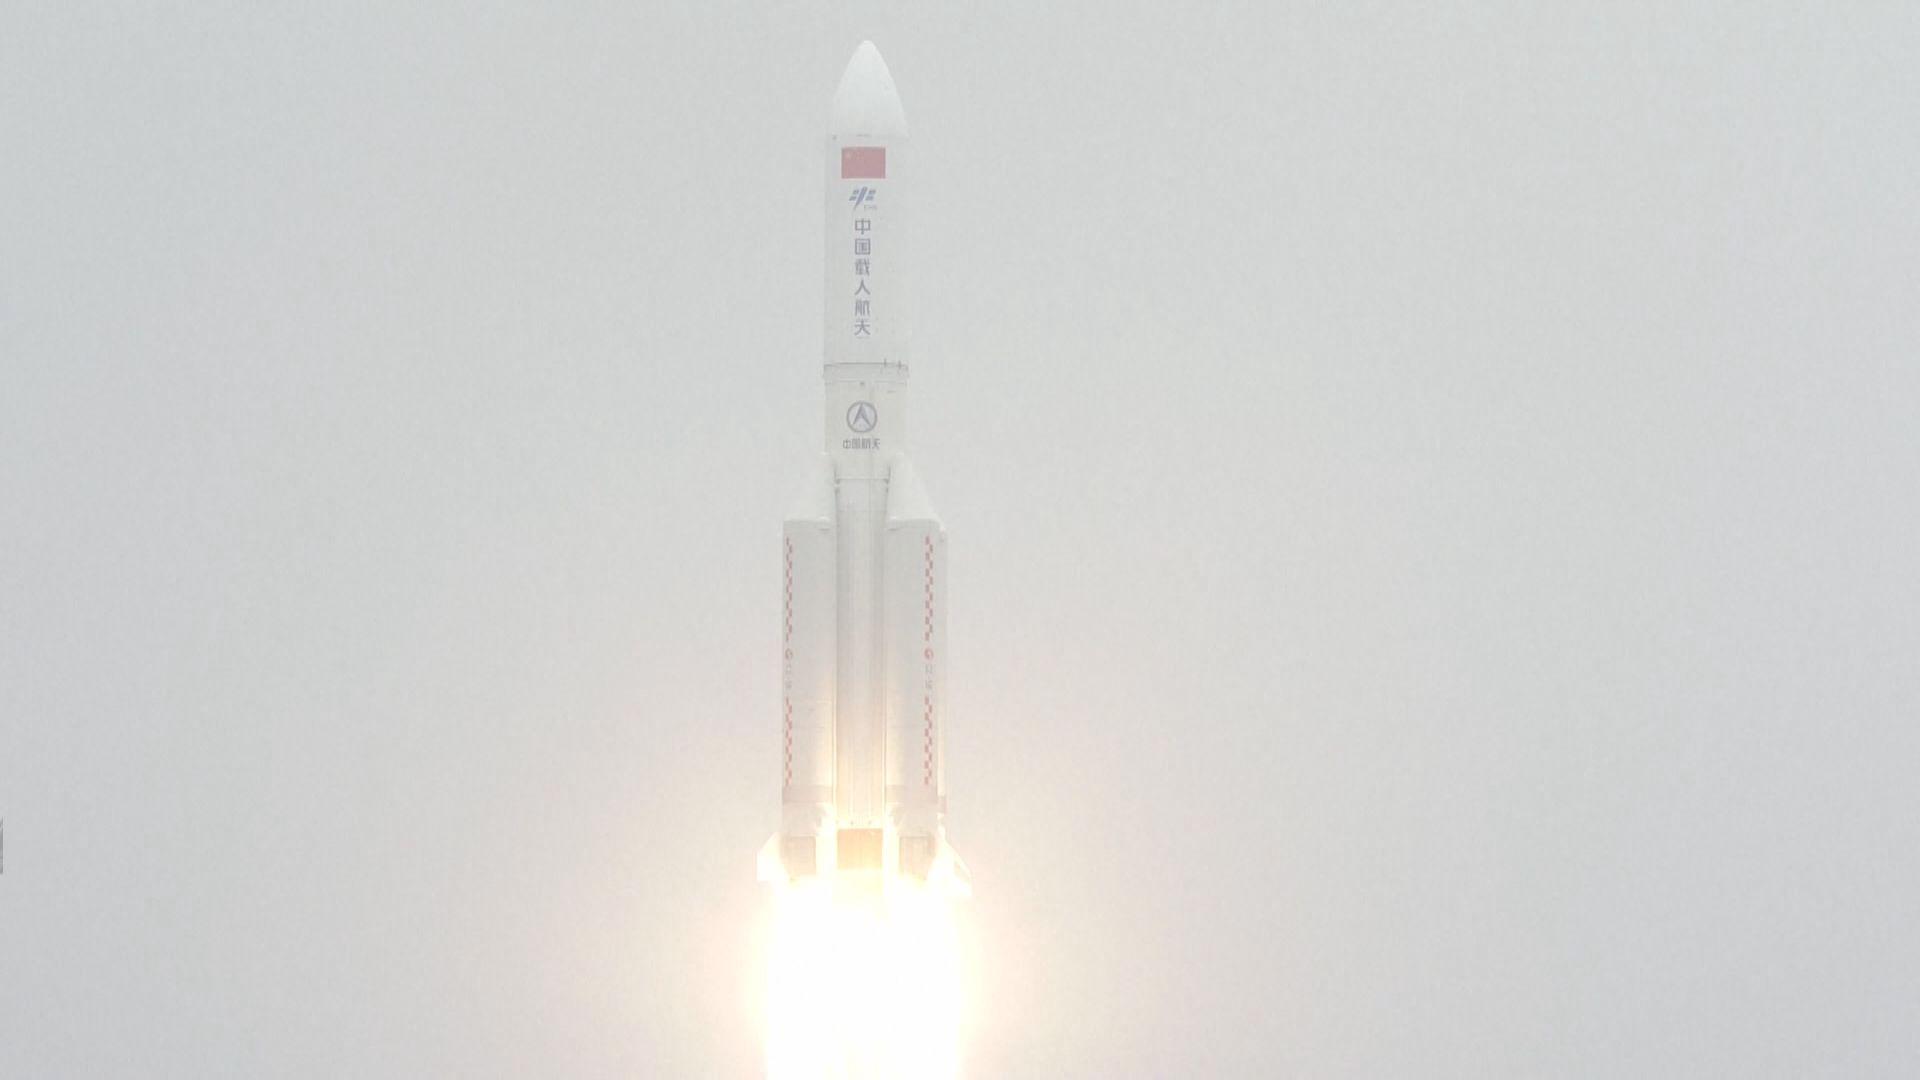 中國天宮太空站「天和」核心艙升空入軌 習近平致賀電祝賀